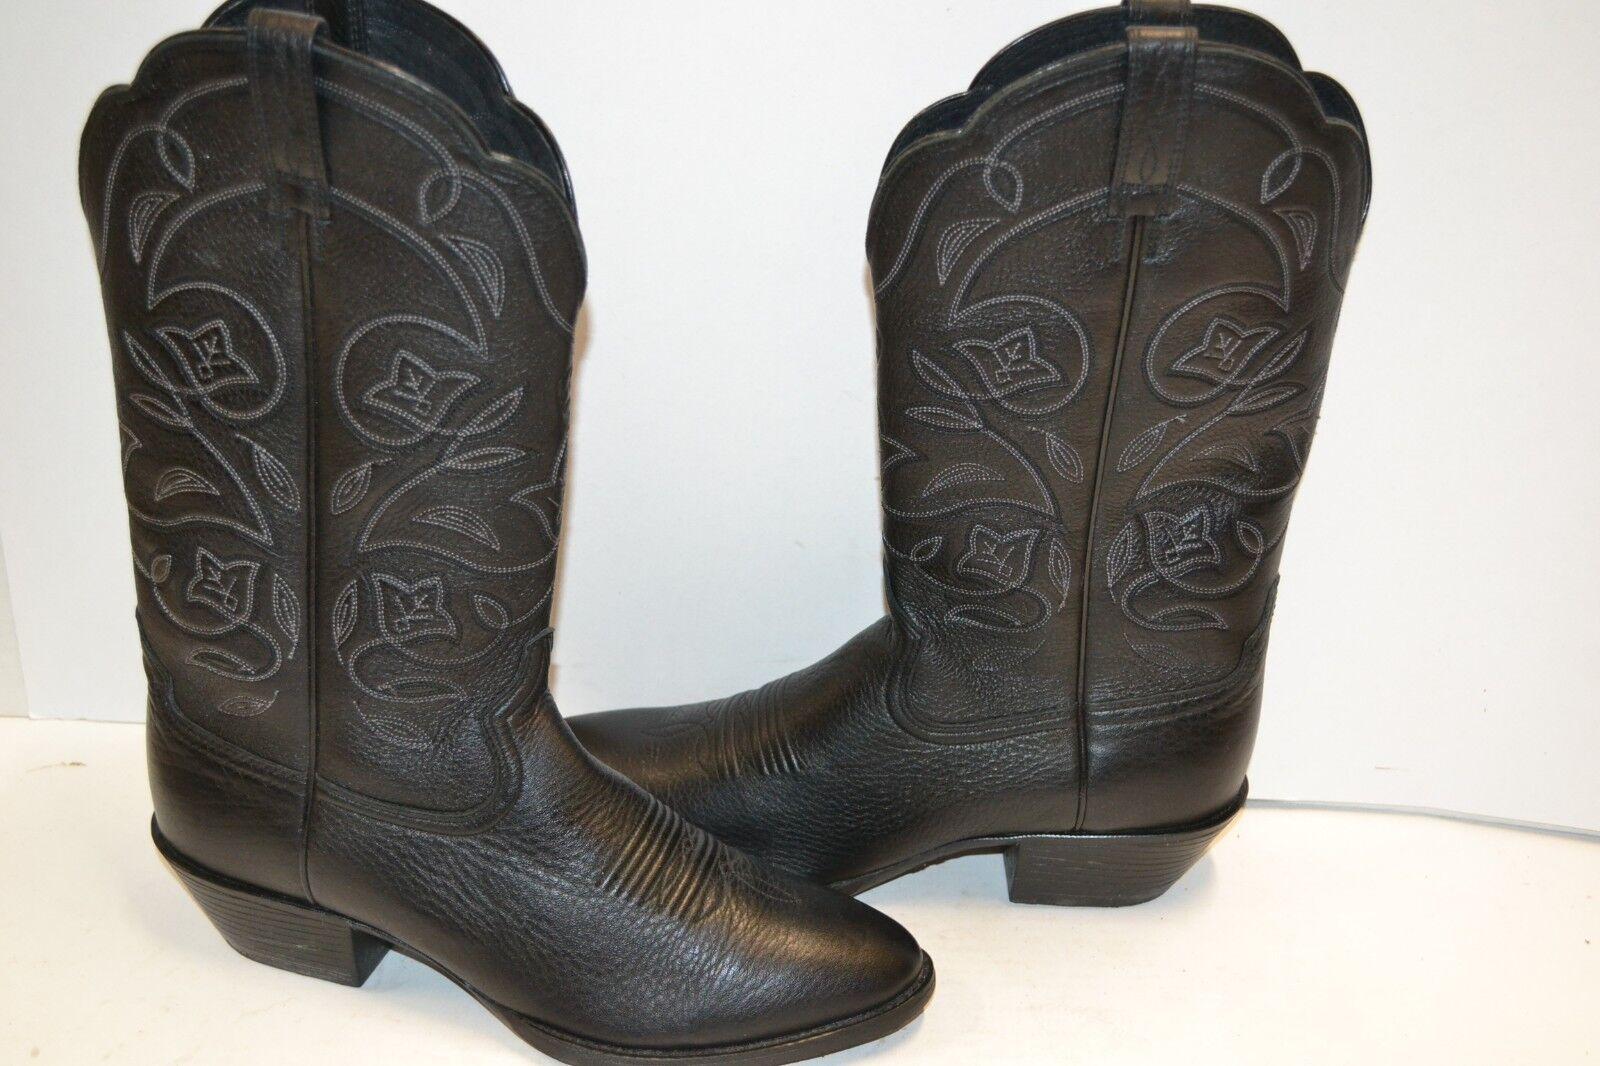 Ariat 10001037 deertan Western R Toe Semelle en Caoutchouc Cowboy Bottes d'équitation Noir 9 B